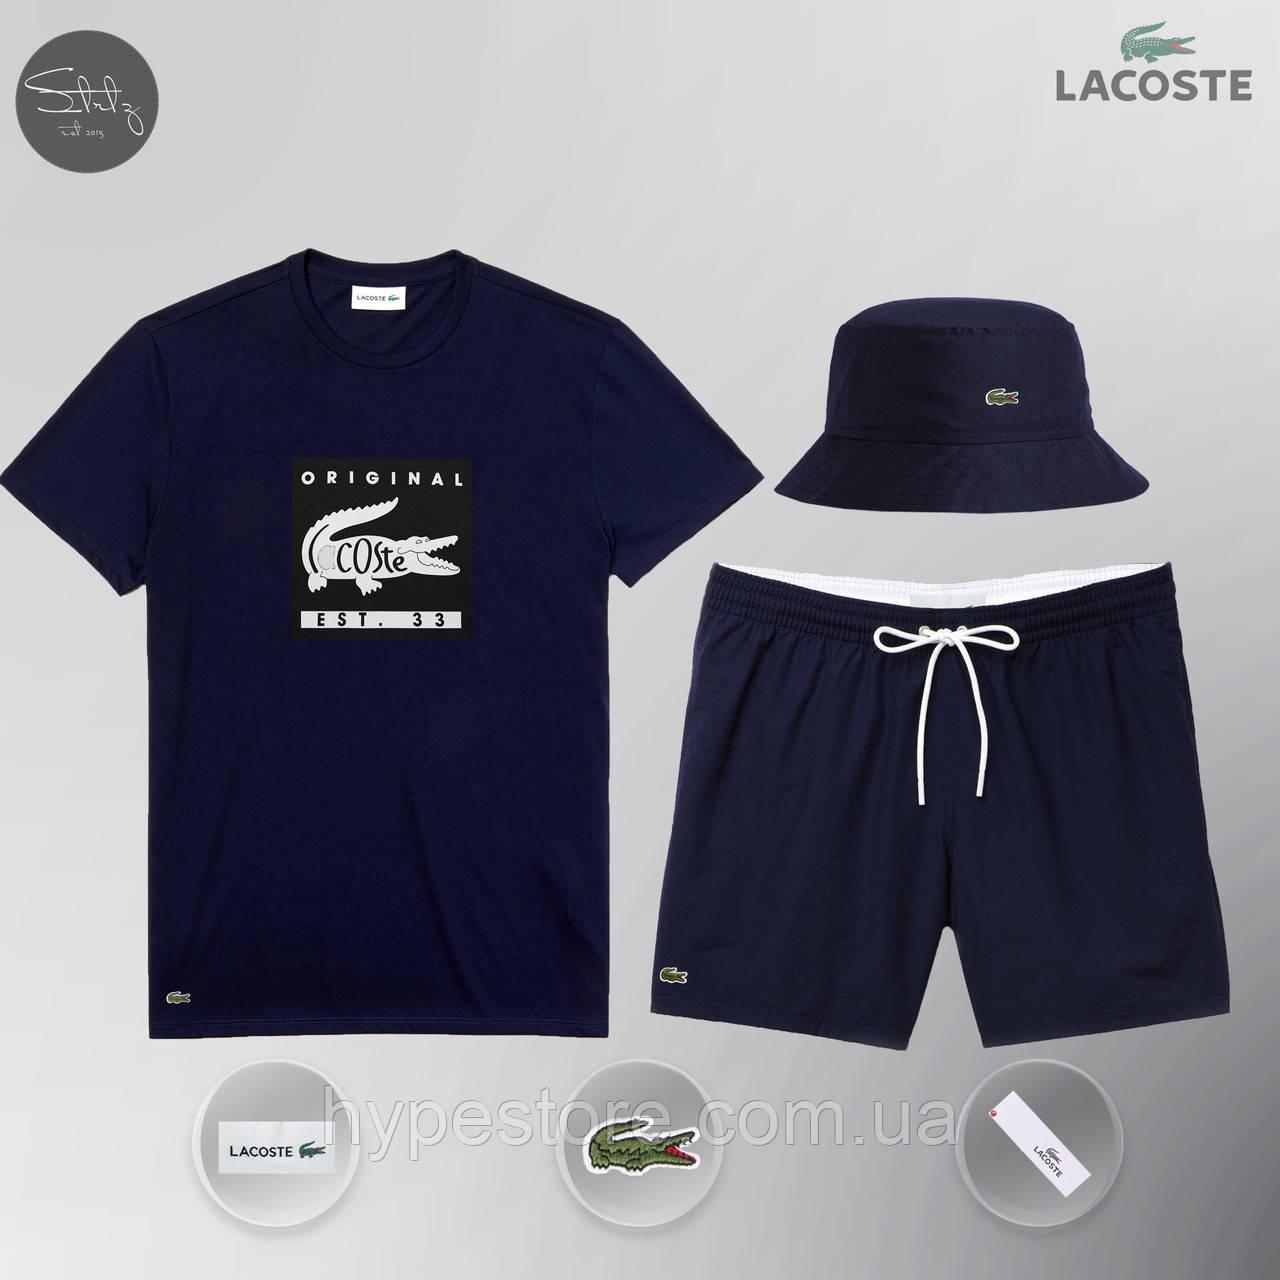 Мужской спортивный костюм, мужской пляжный комплект Lacoste Original, шорты+футболка, панама, Реплика (синий)